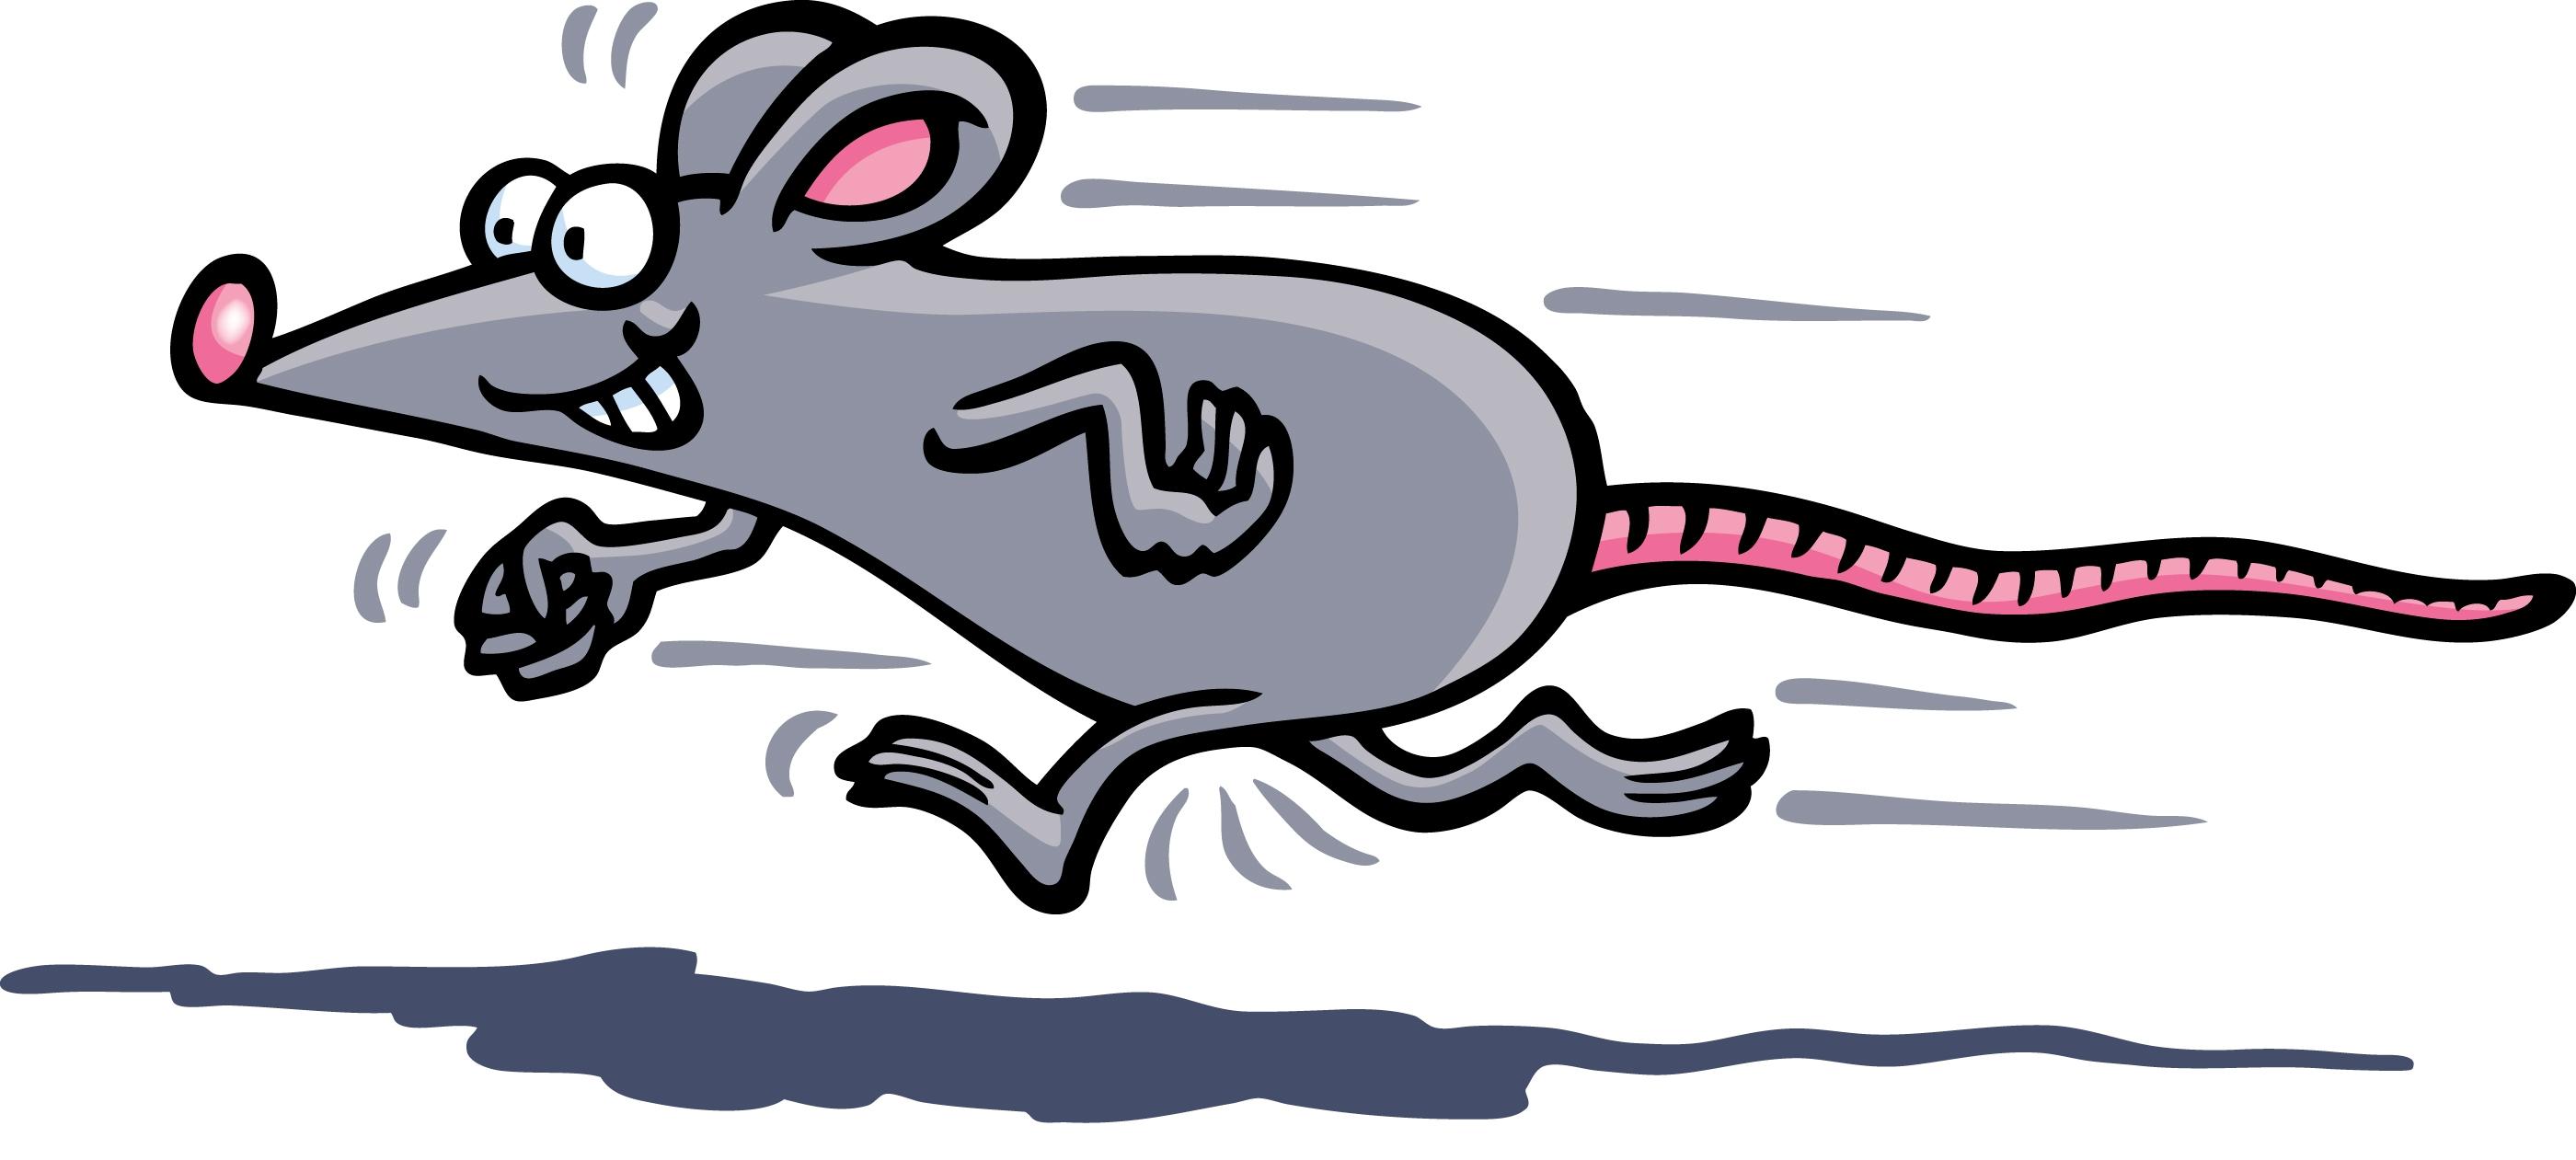 Race clipart mouse race. Cliparts zone